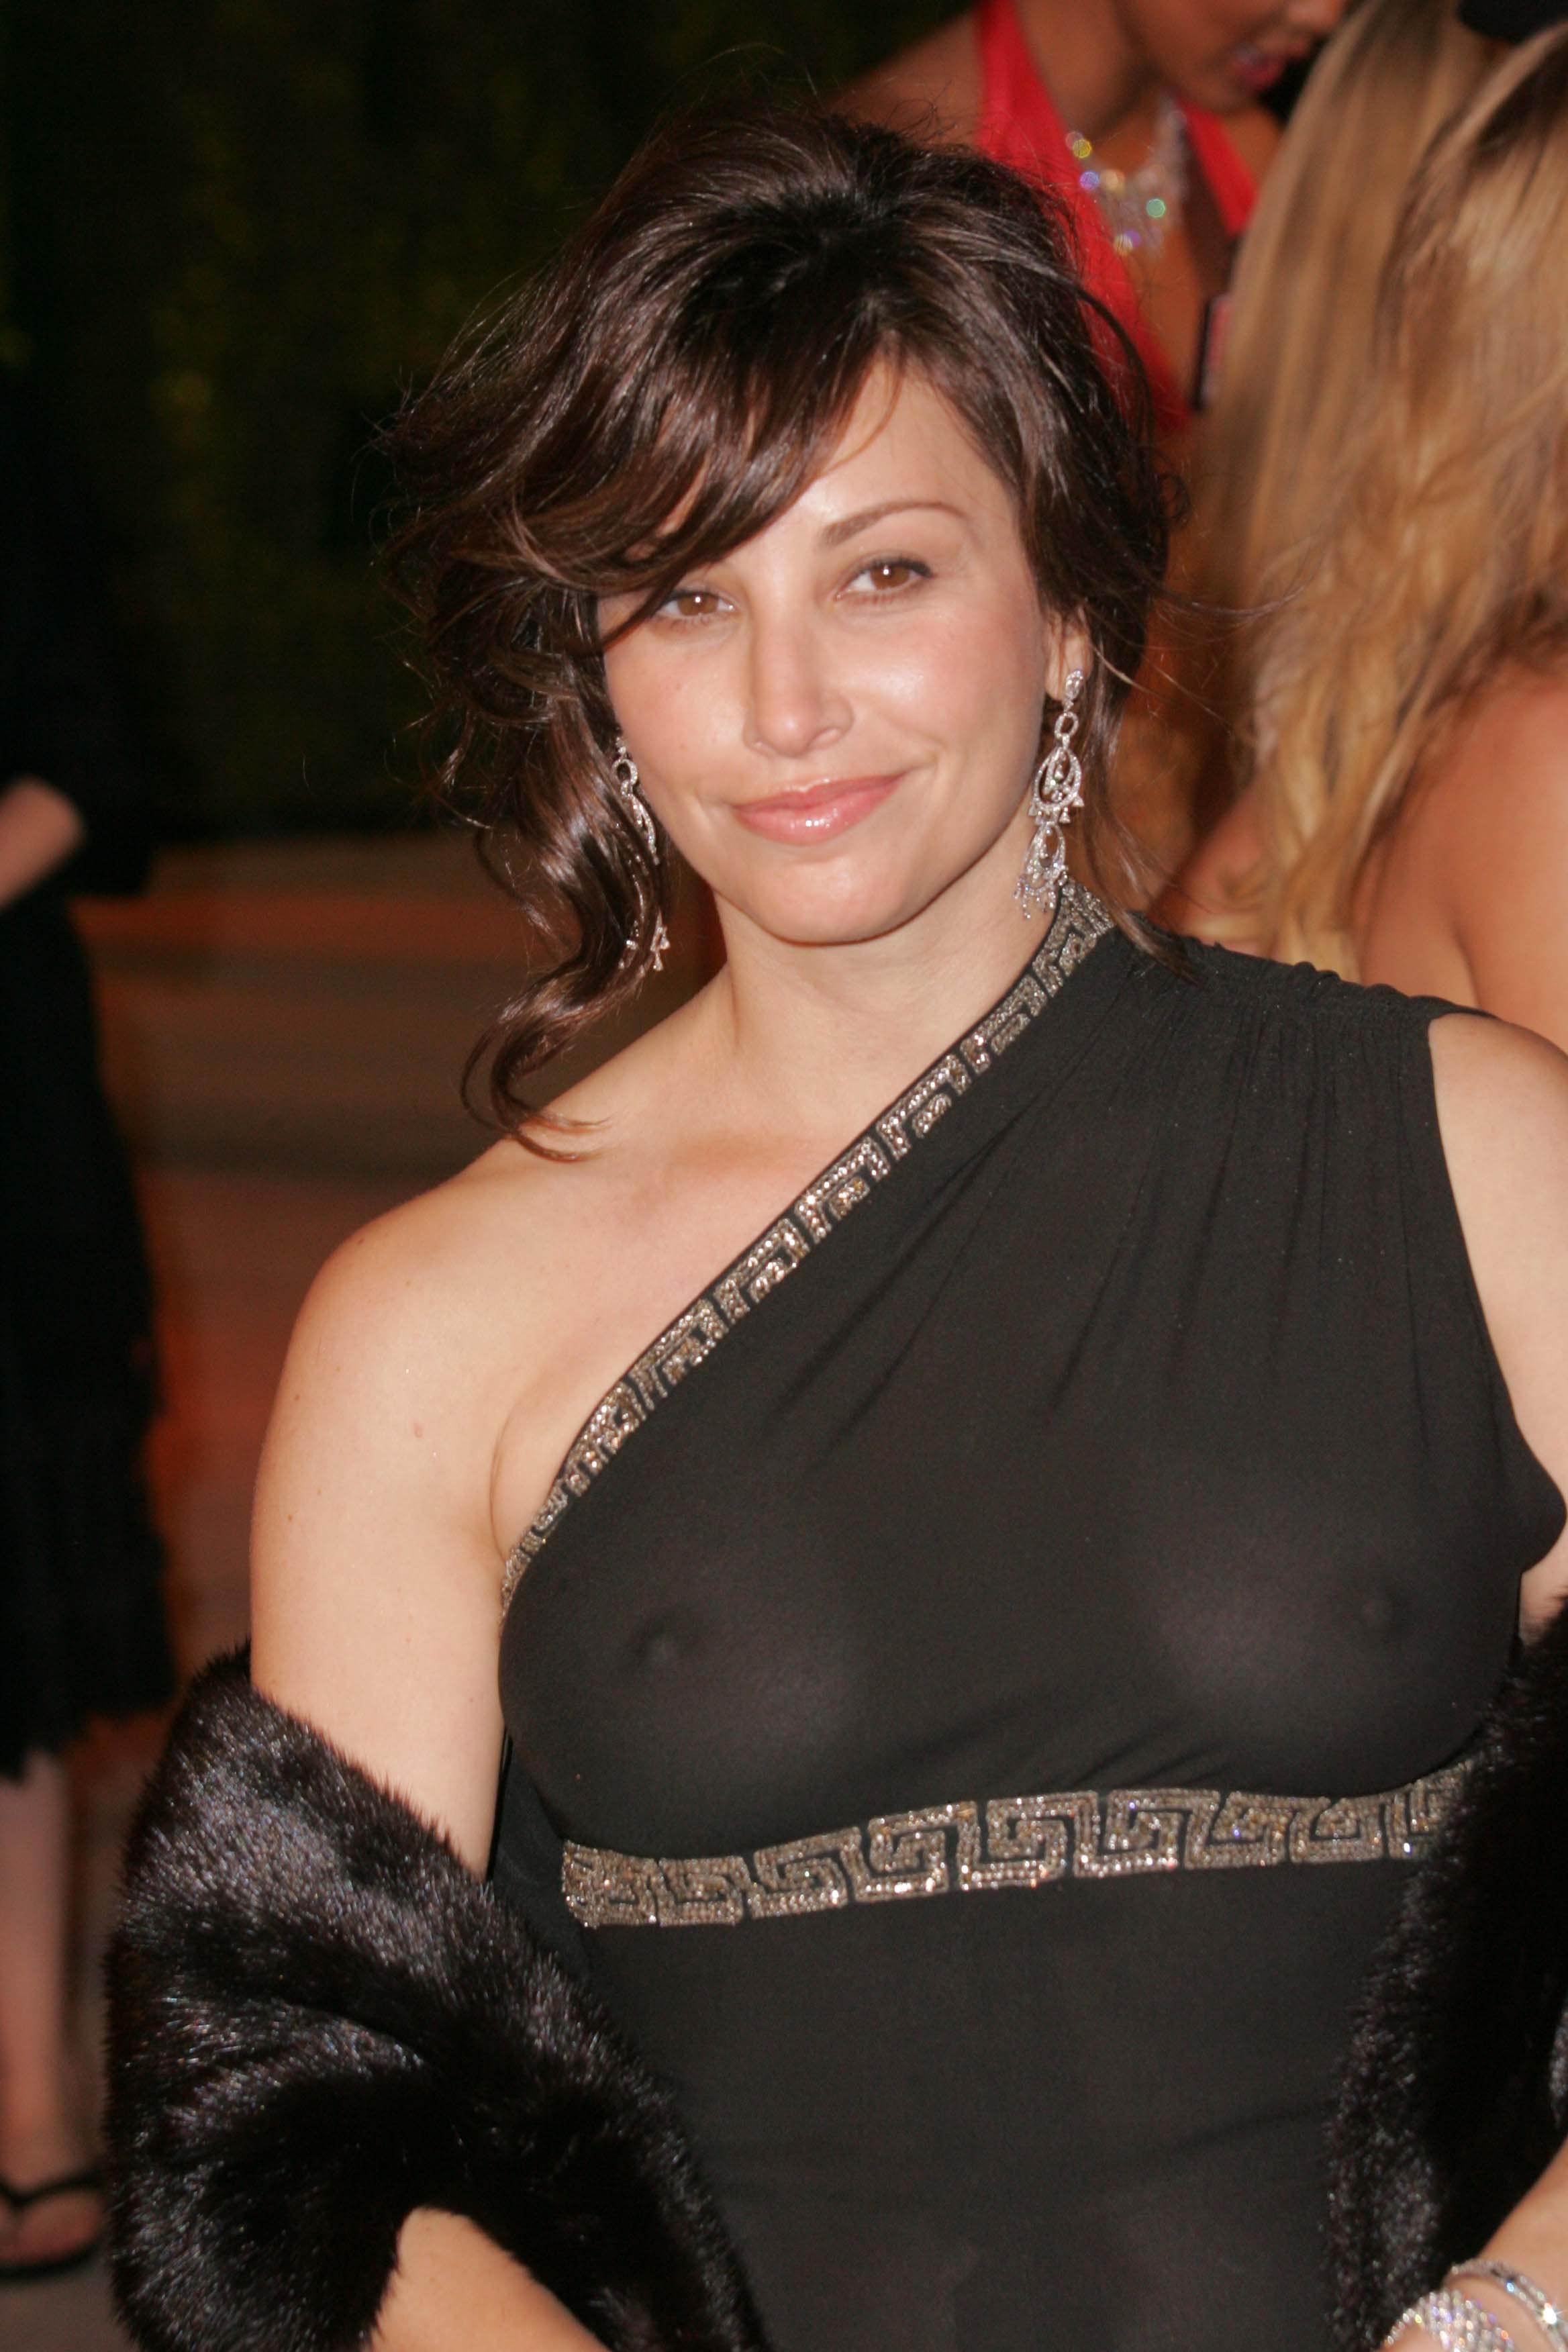 Shahida mini sex